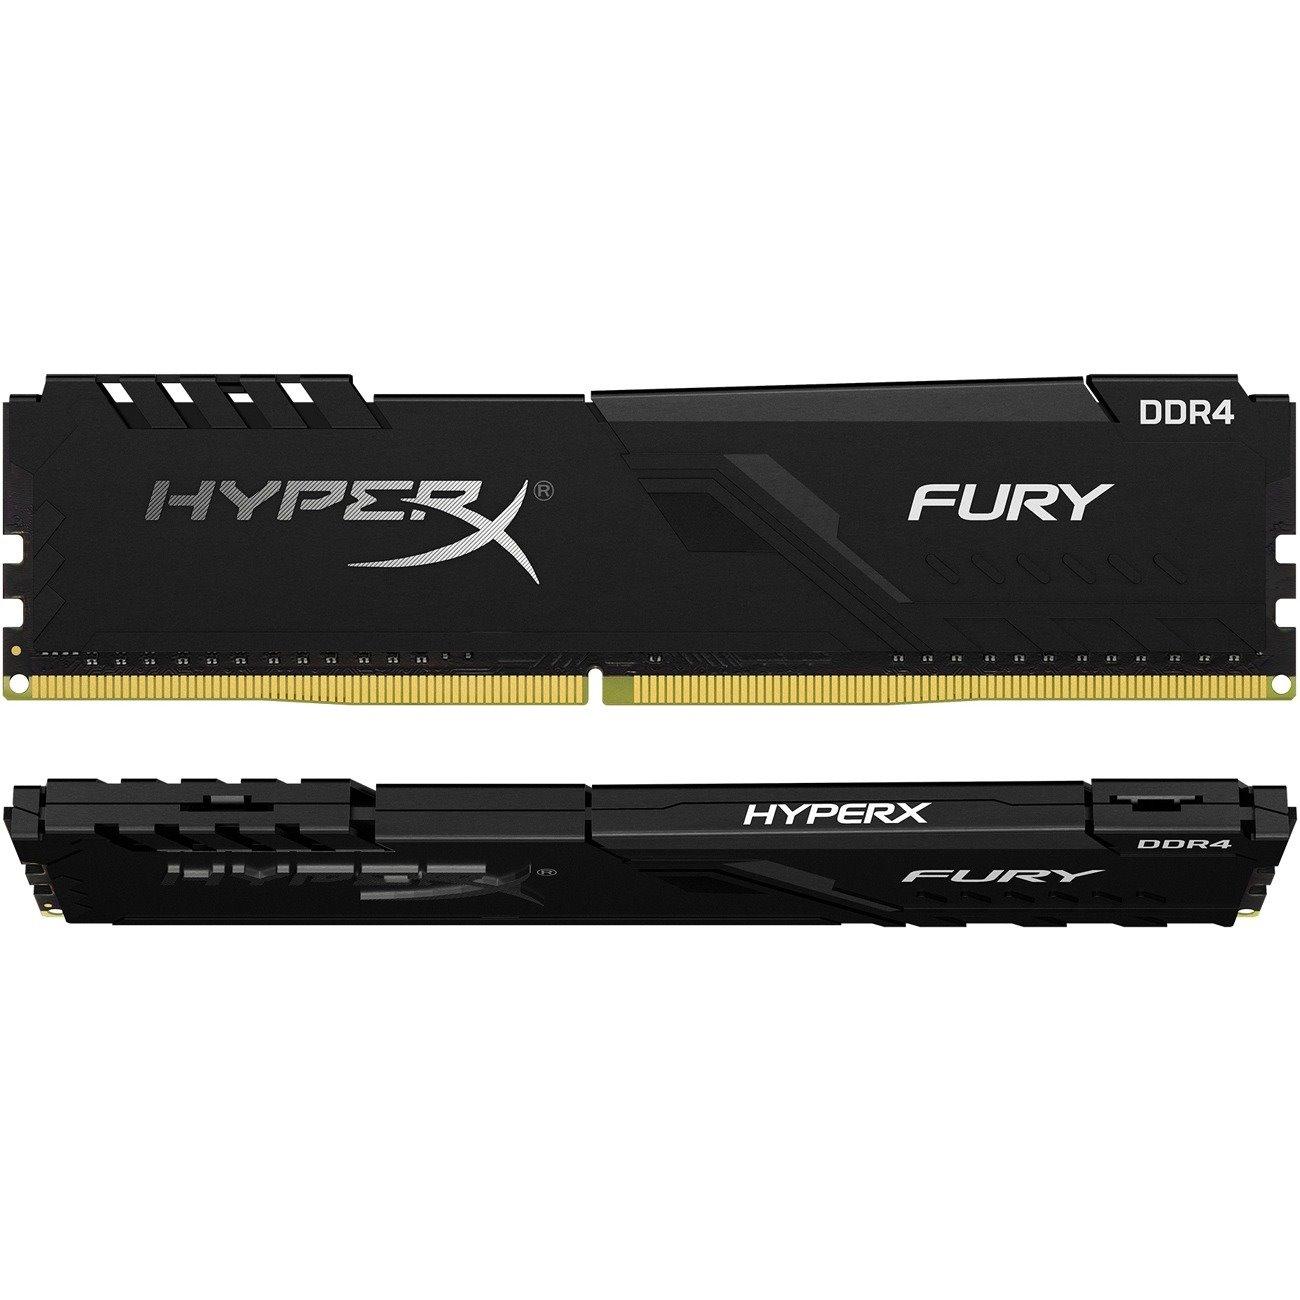 HyperX FURY RAM Module for Desktop PC - 16 GB (2 x 8 GB) - DDR4-3600/PC4-28800 DDR4 SDRAM - CL17 - 1.35 V